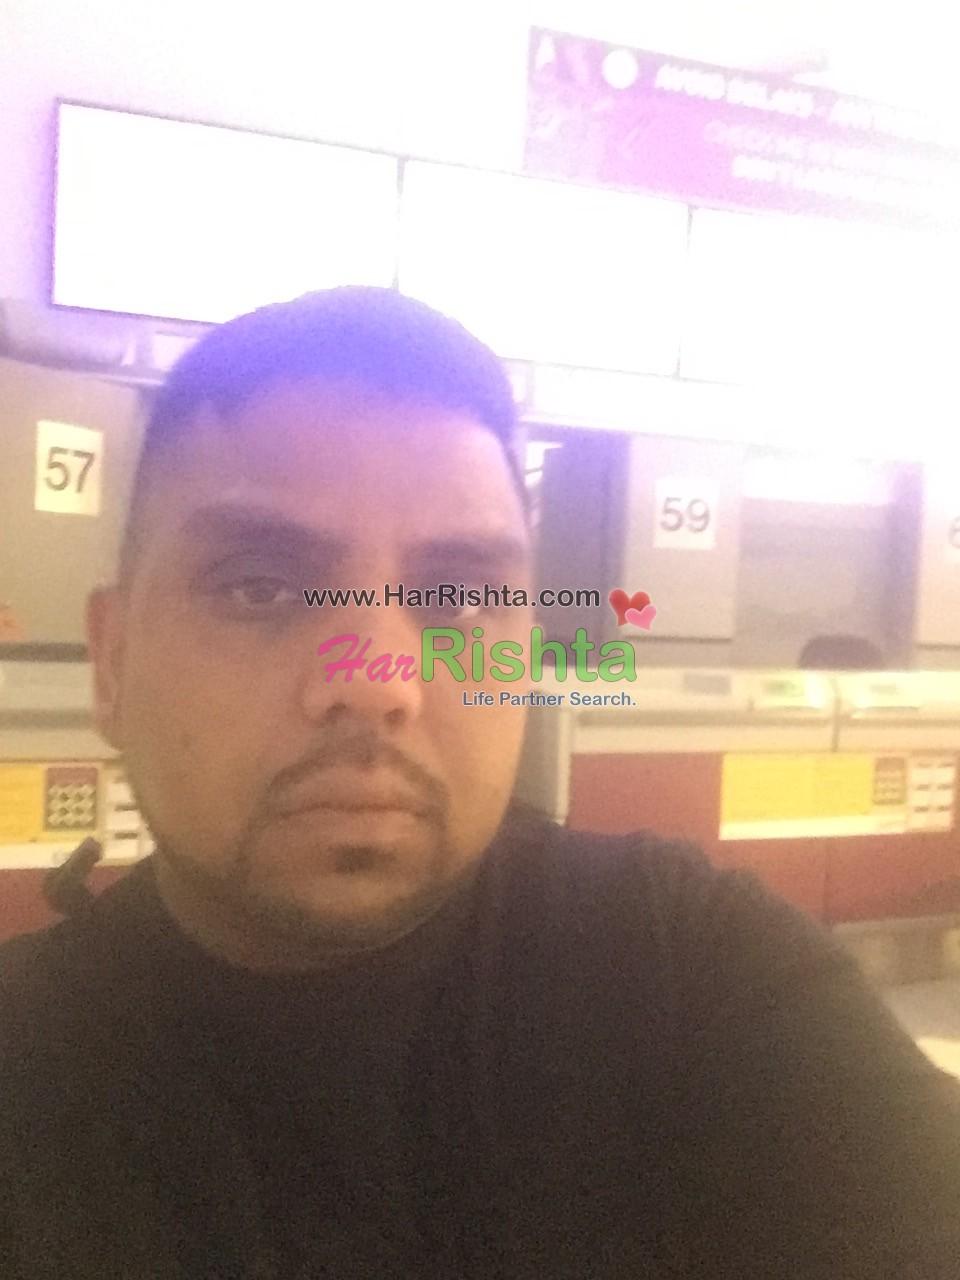 Raja Boy Rishta in Gadra